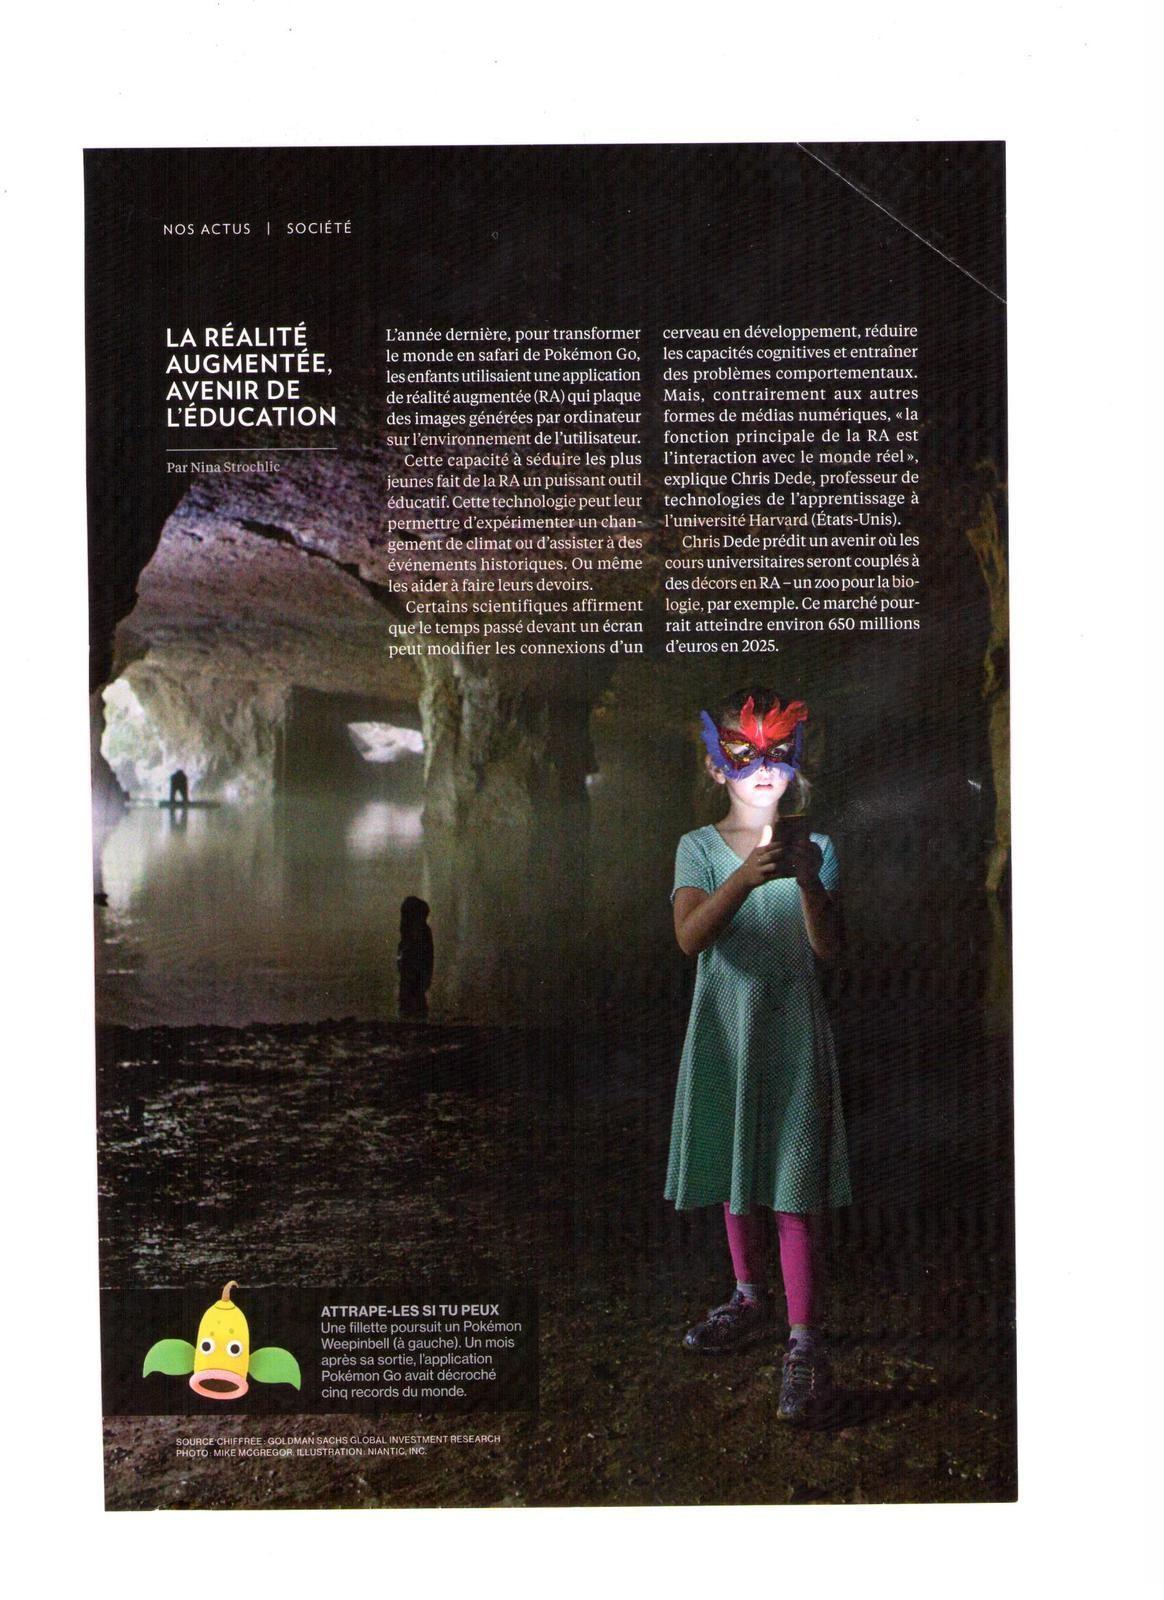 Vus et lus dans Les Echos du 29 mai 2017, du 03 & 24 août 2017, National Geographic n° 210 de mars 2017, et Le Monde du 24 août 2017